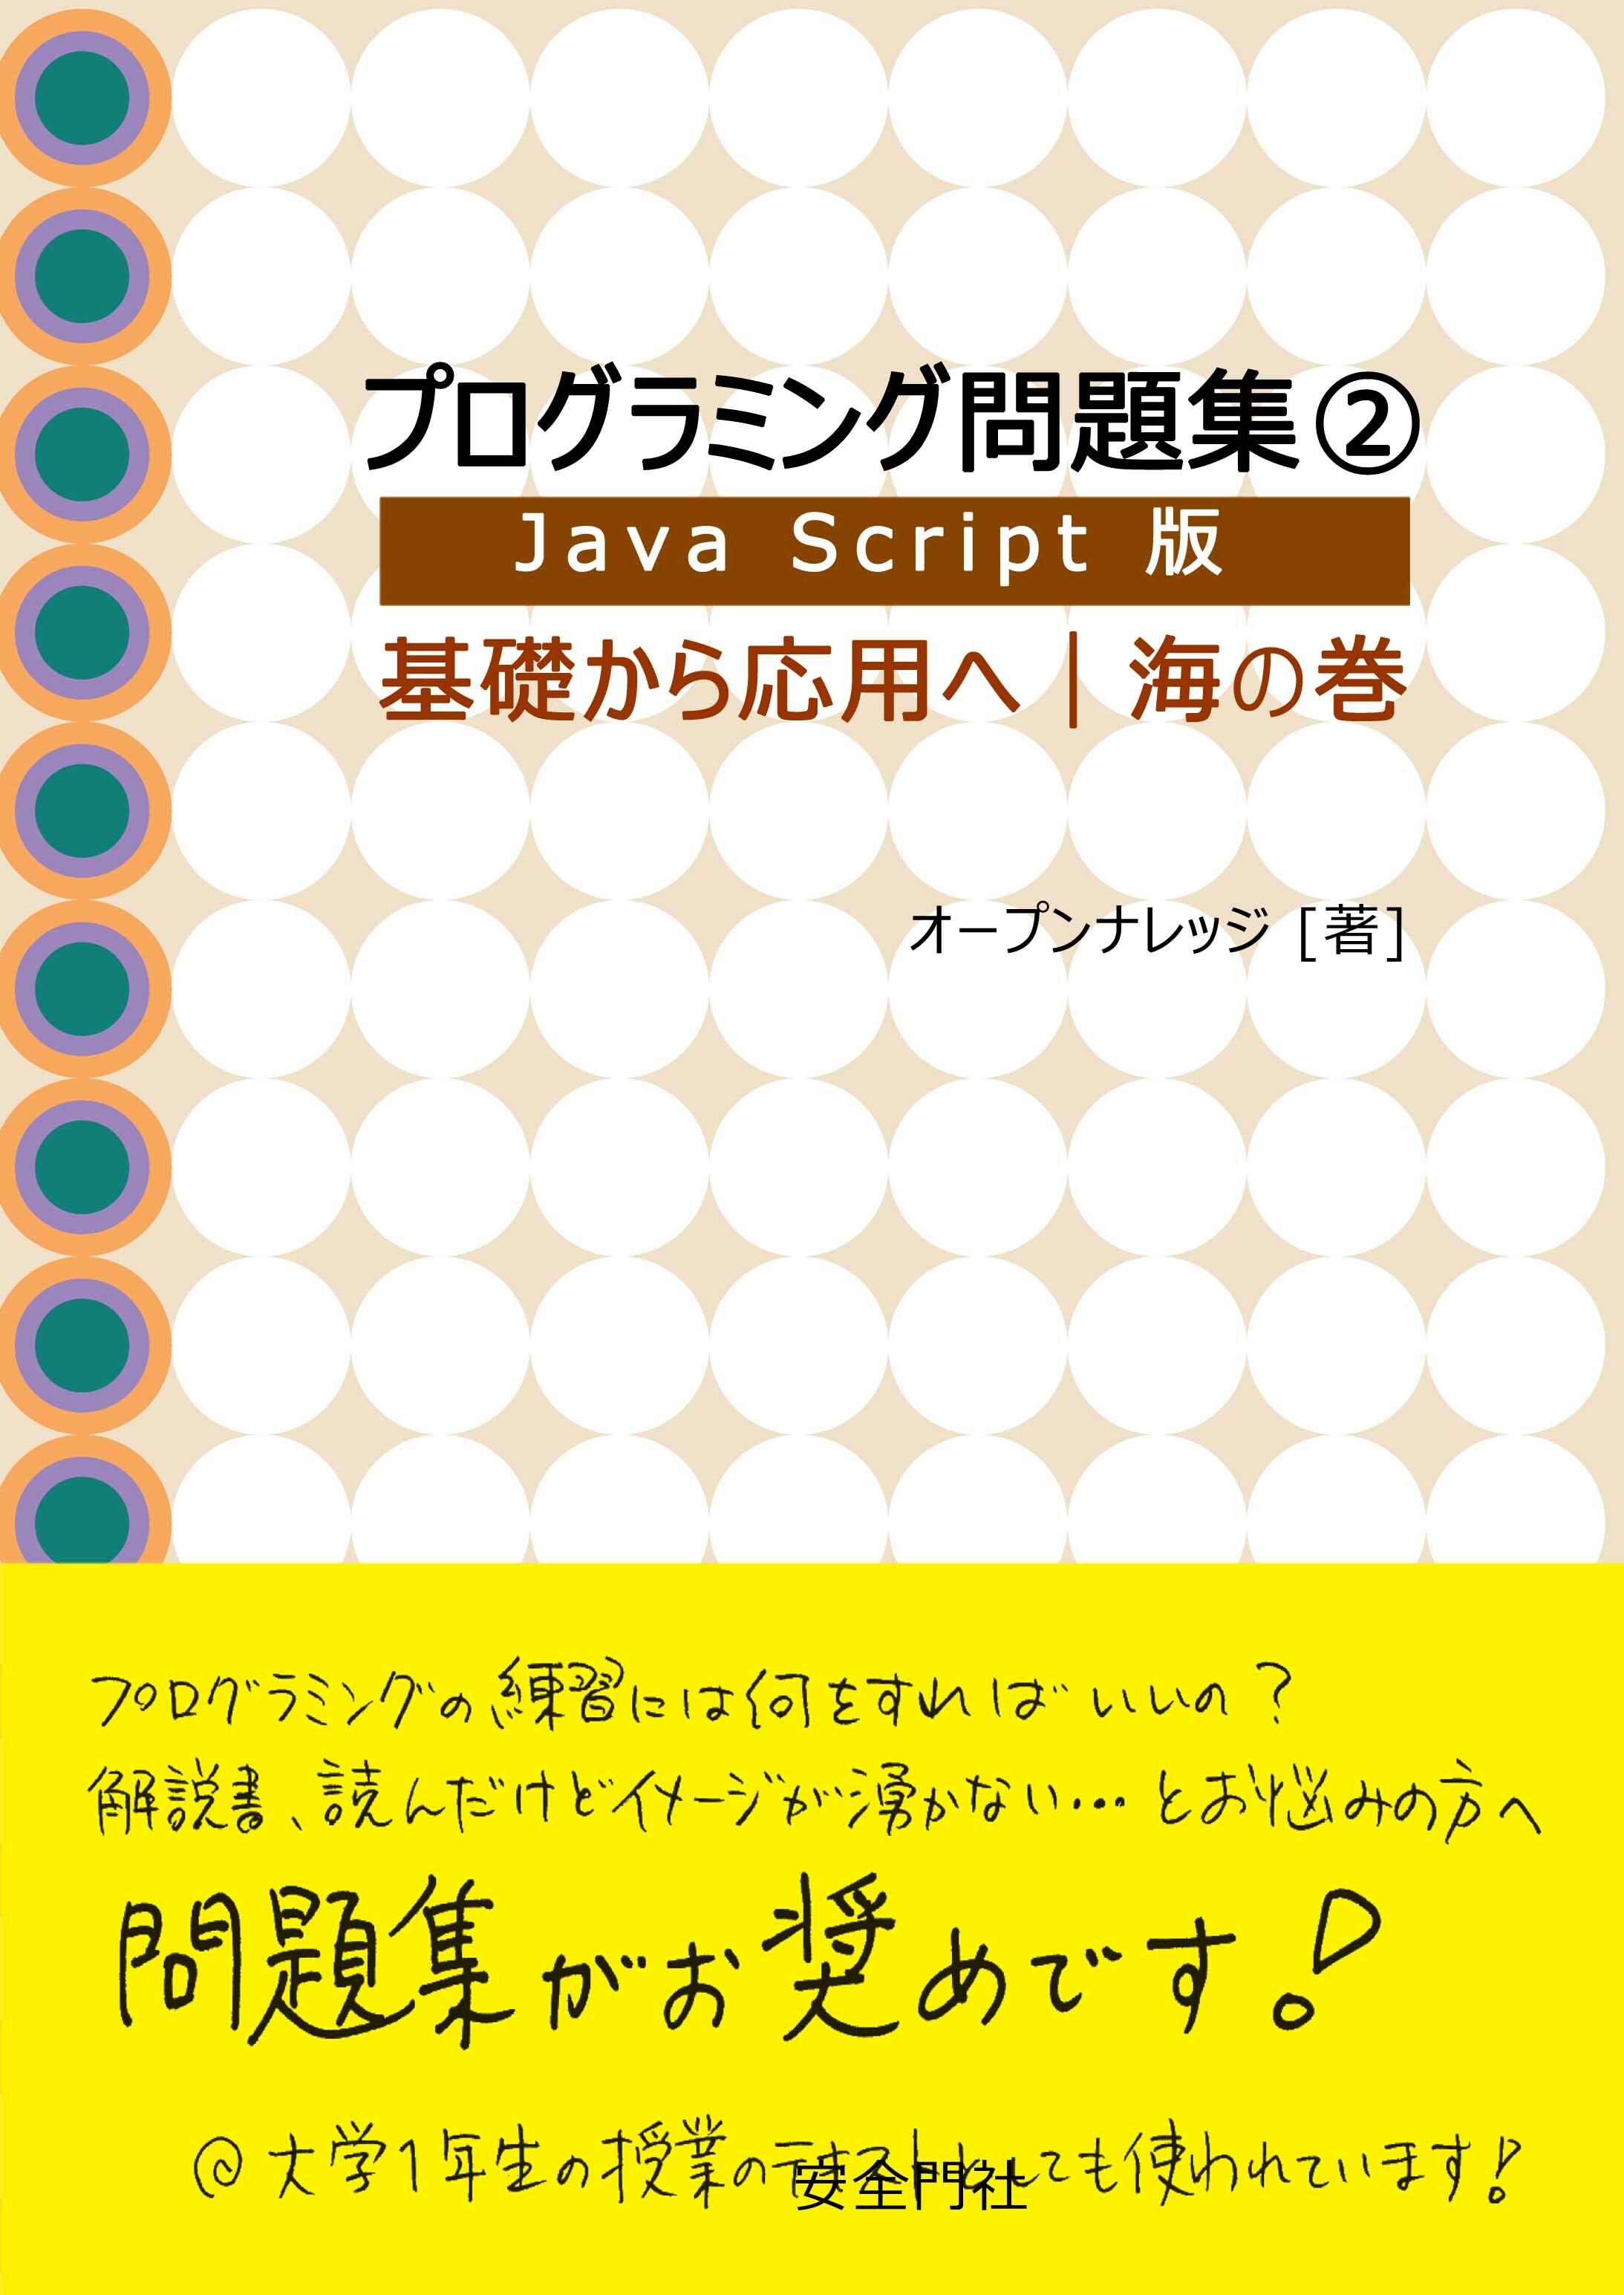 プログラミング問題集2 JavaScript版 海の巻|Programming Exercise Book 2: Java Script | 安全門社  電子書籍PDF版 powered by BASE